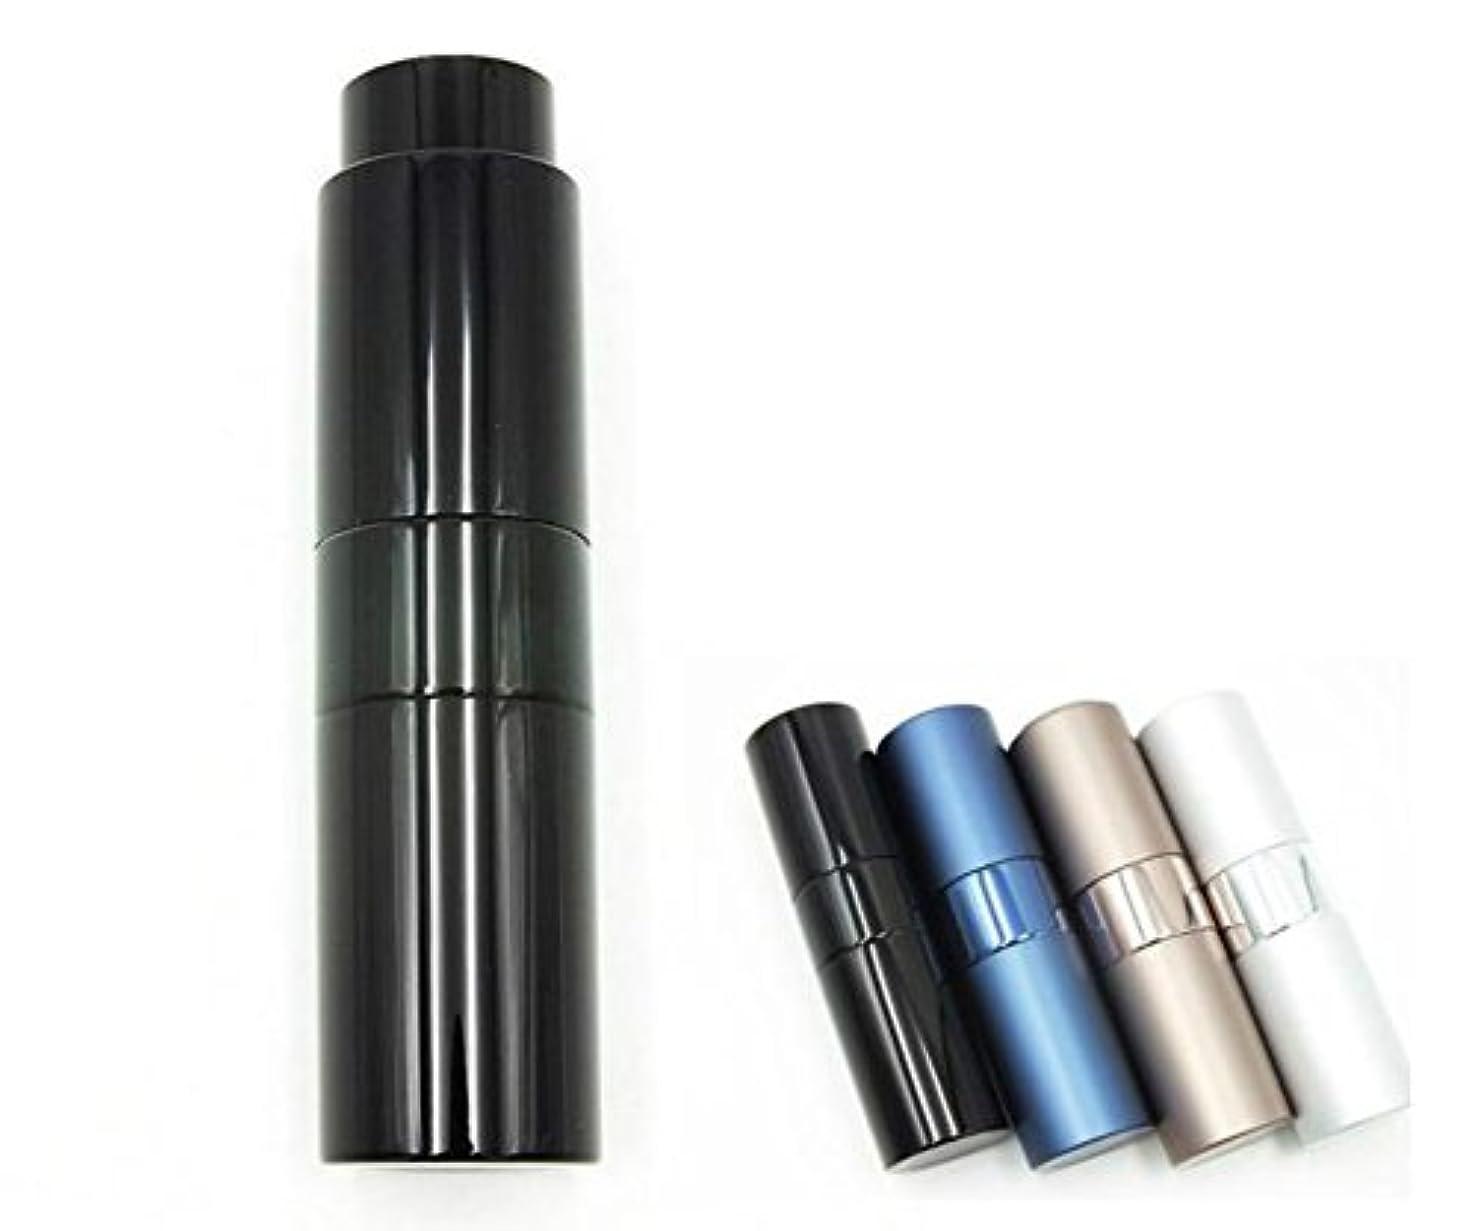 閉じ込める乳剤分離するShopXJ 香水 メンズ アトマイザー 大人 男性 プッシュ式 詰め替え 持ち運び 身だしなみ 携帯用 15ml (ブラック)